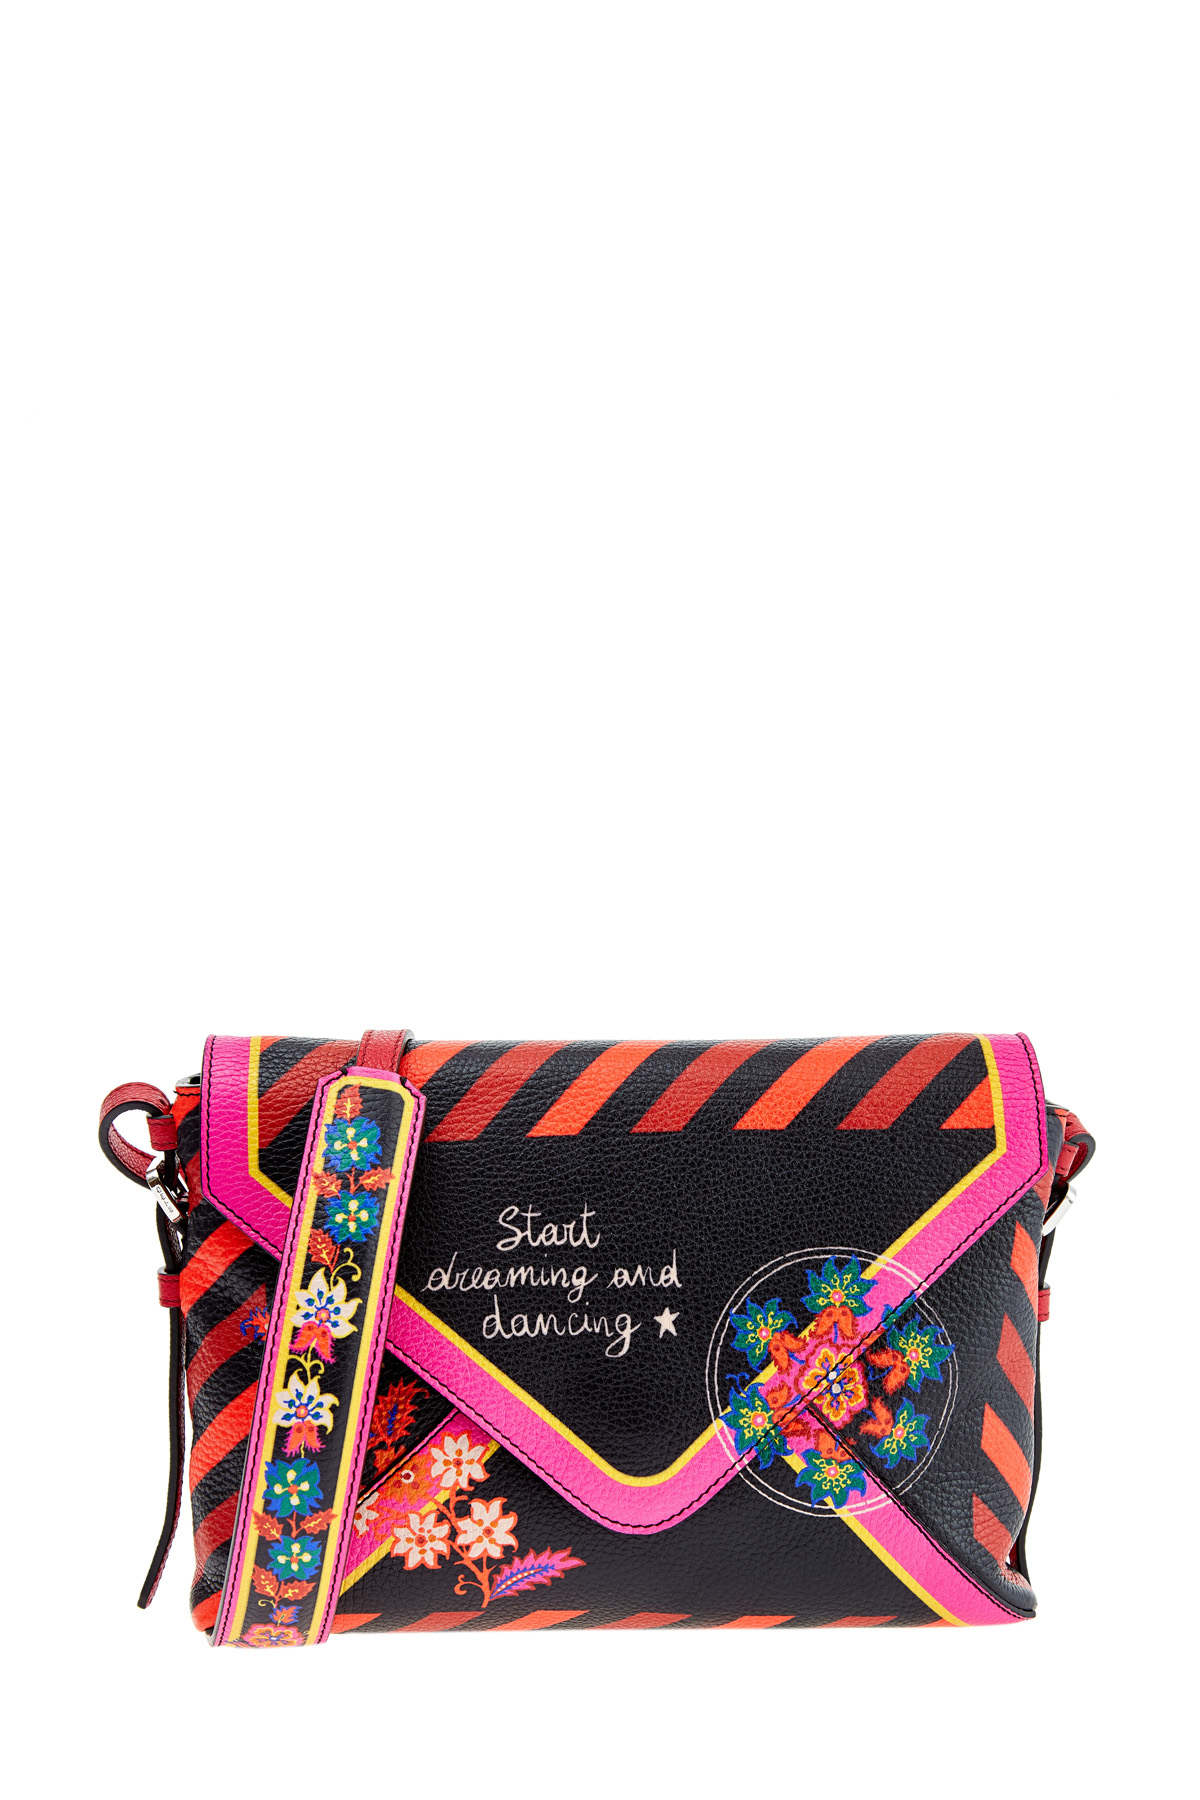 Купить Клатч-конверт в романтическим стиле с принтом The Daydreamer, ETRO, Италия, кожа 100%